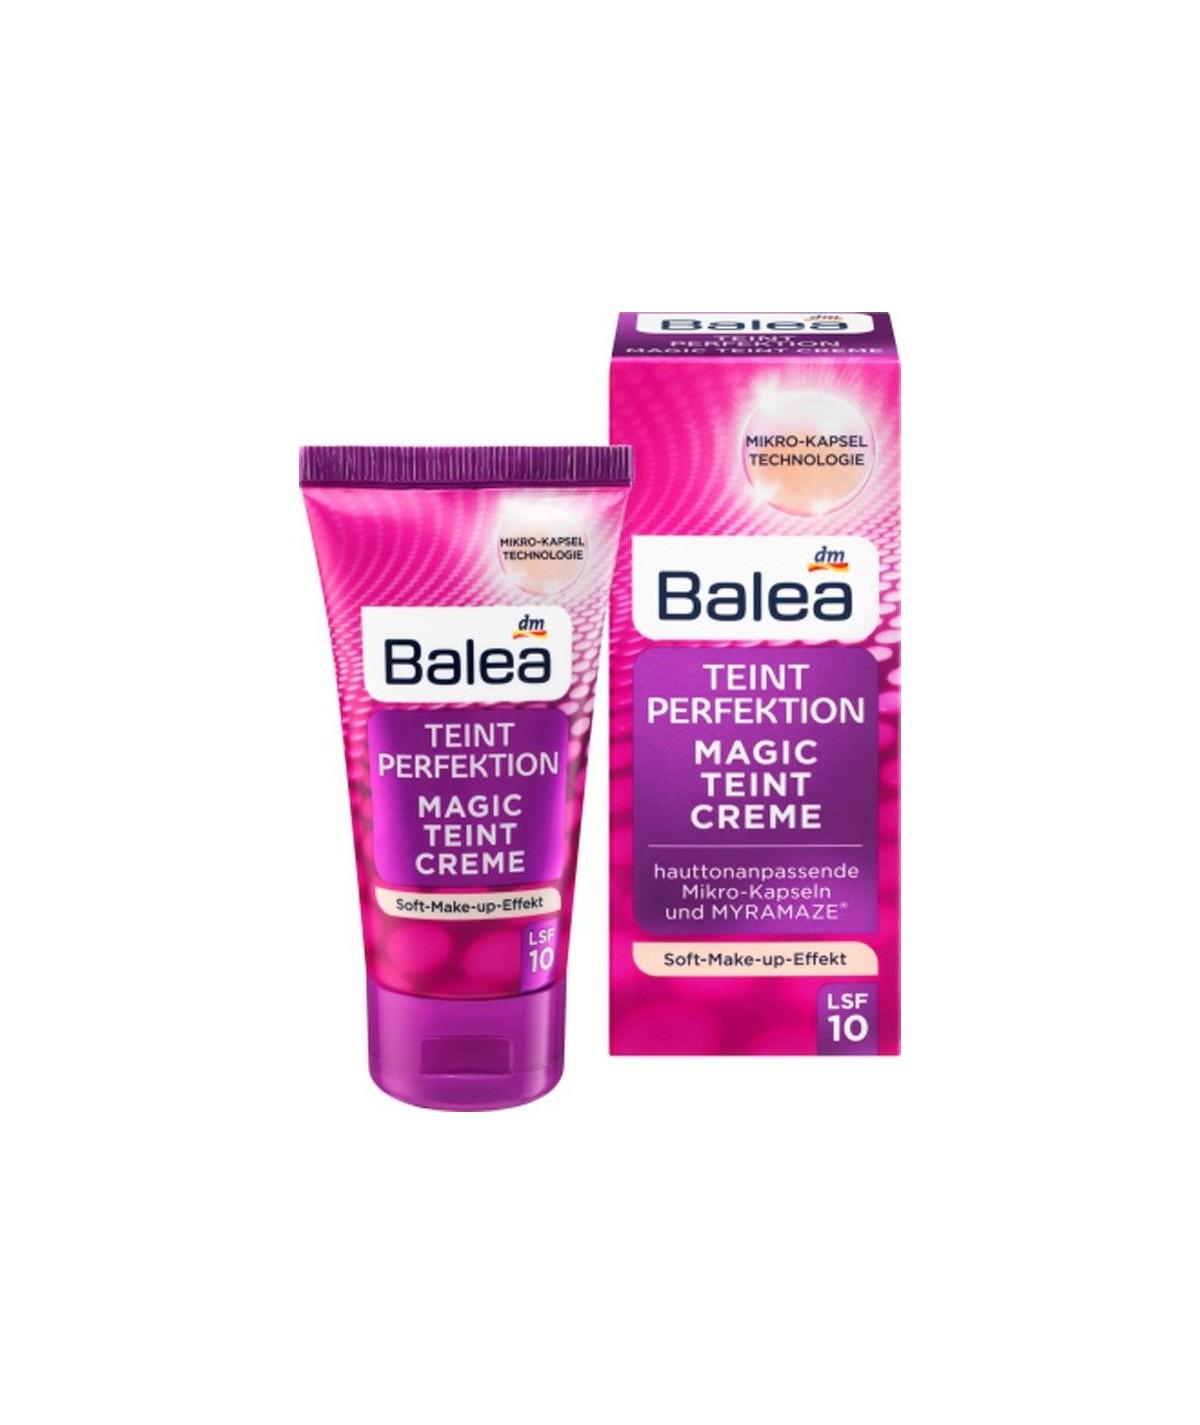 Crème de jour Teint Teinté Perfection Magic Teint Balea 50 ml